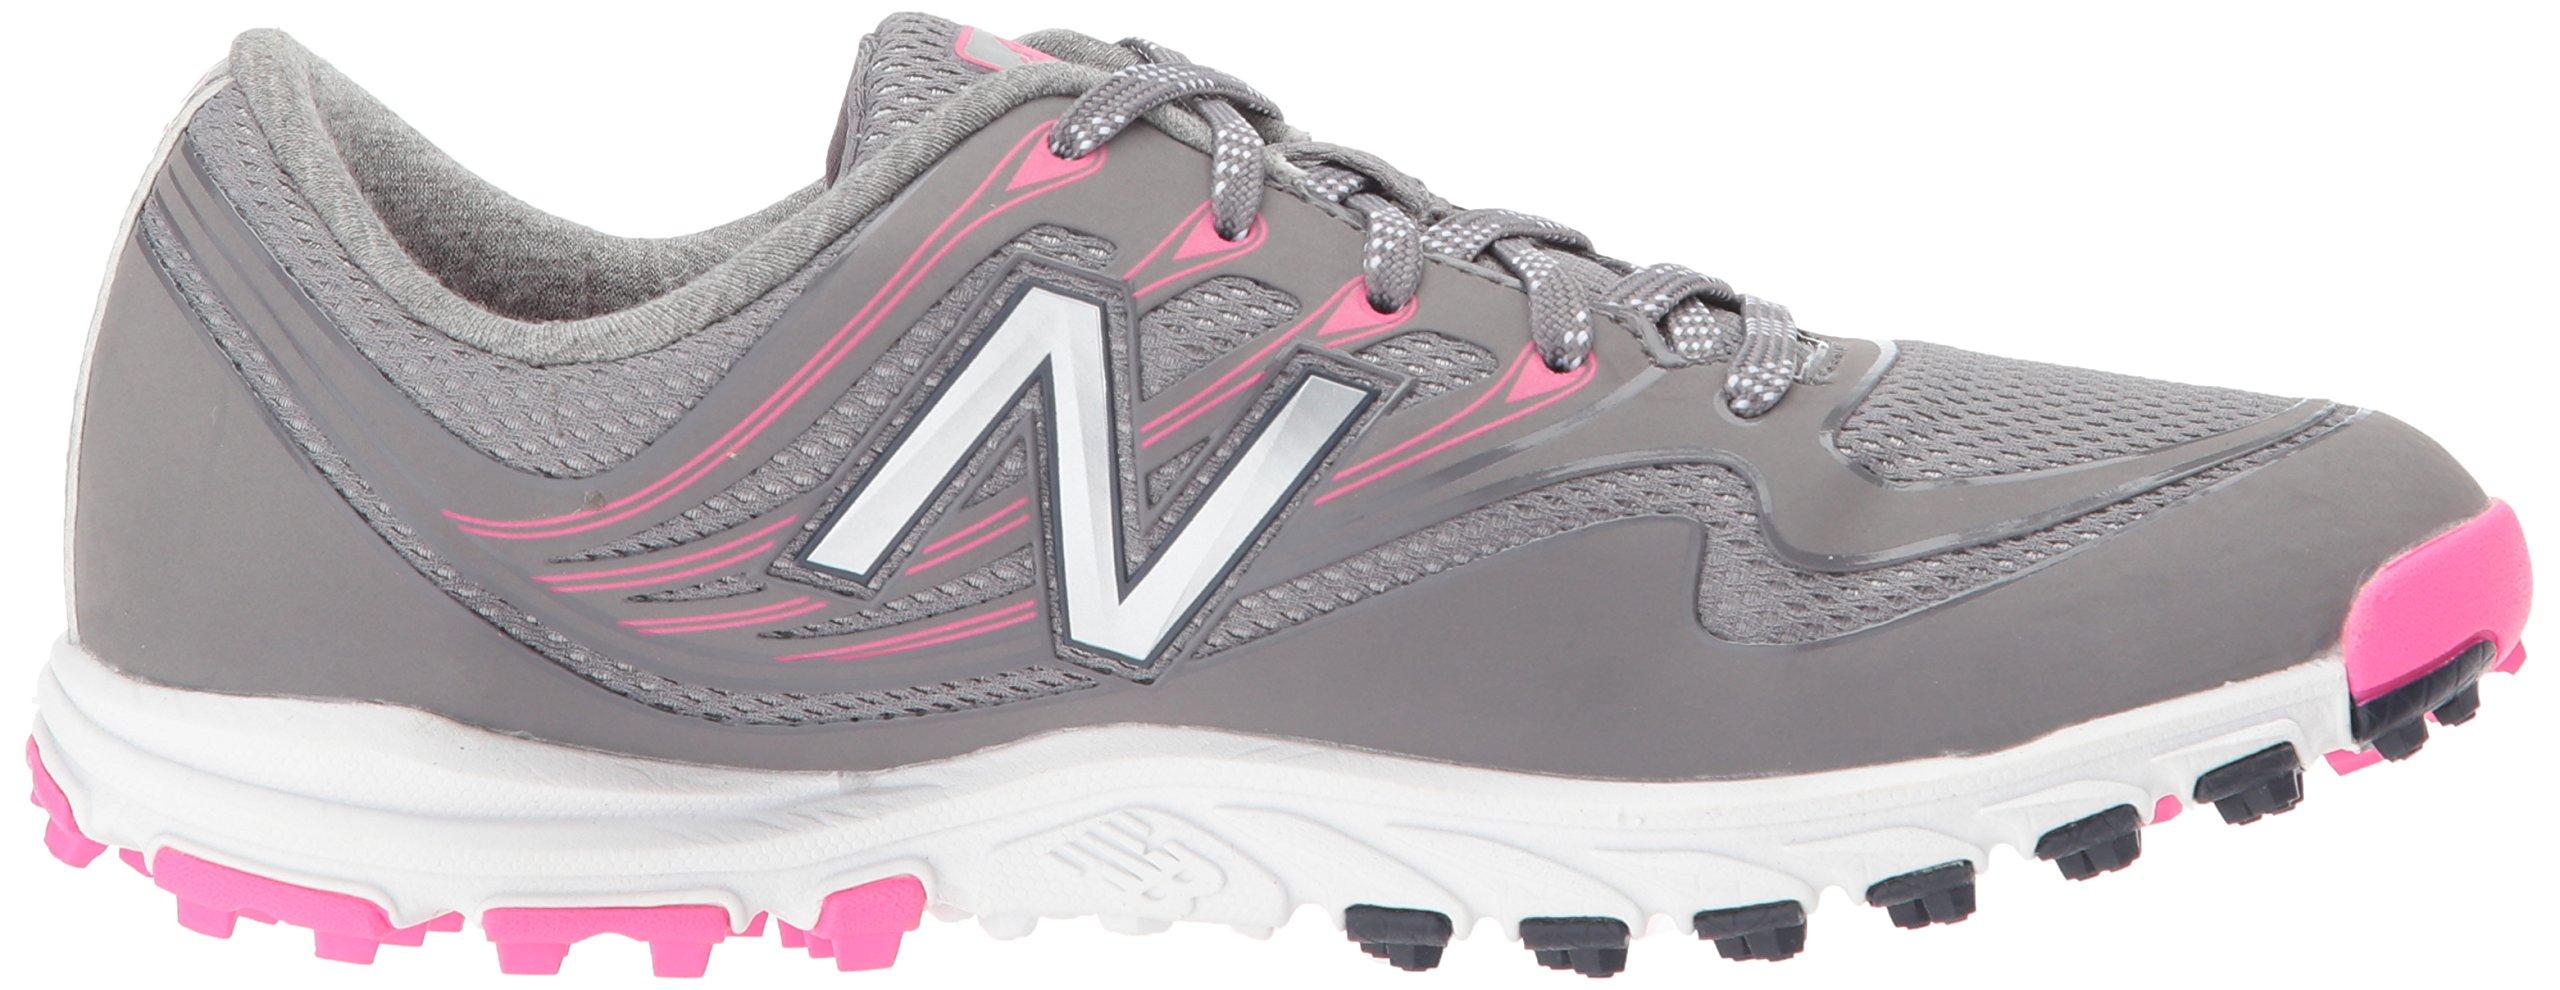 New Balance Women's Minimus Sport Golf Shoe, Pink/Grey, 7.5 B B US by New Balance (Image #7)